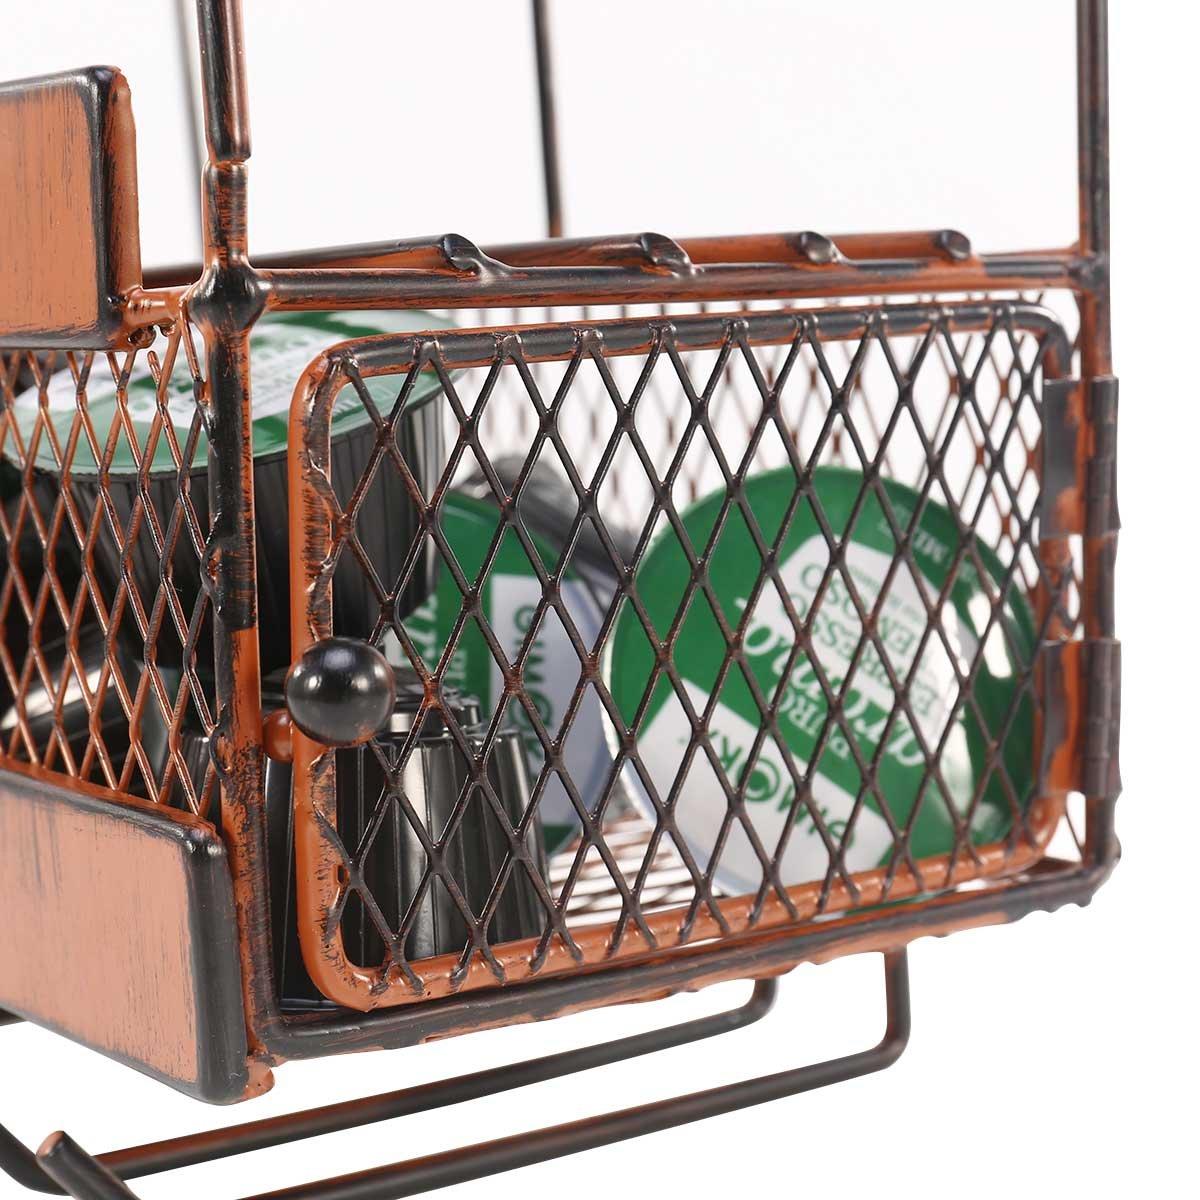 TOOARTS Portabottiglie da parete Supporto a parete in vetro con supporto per contenitore di stoccaggio in sughero con 5 zaini porta vino in vetro portaoggetti